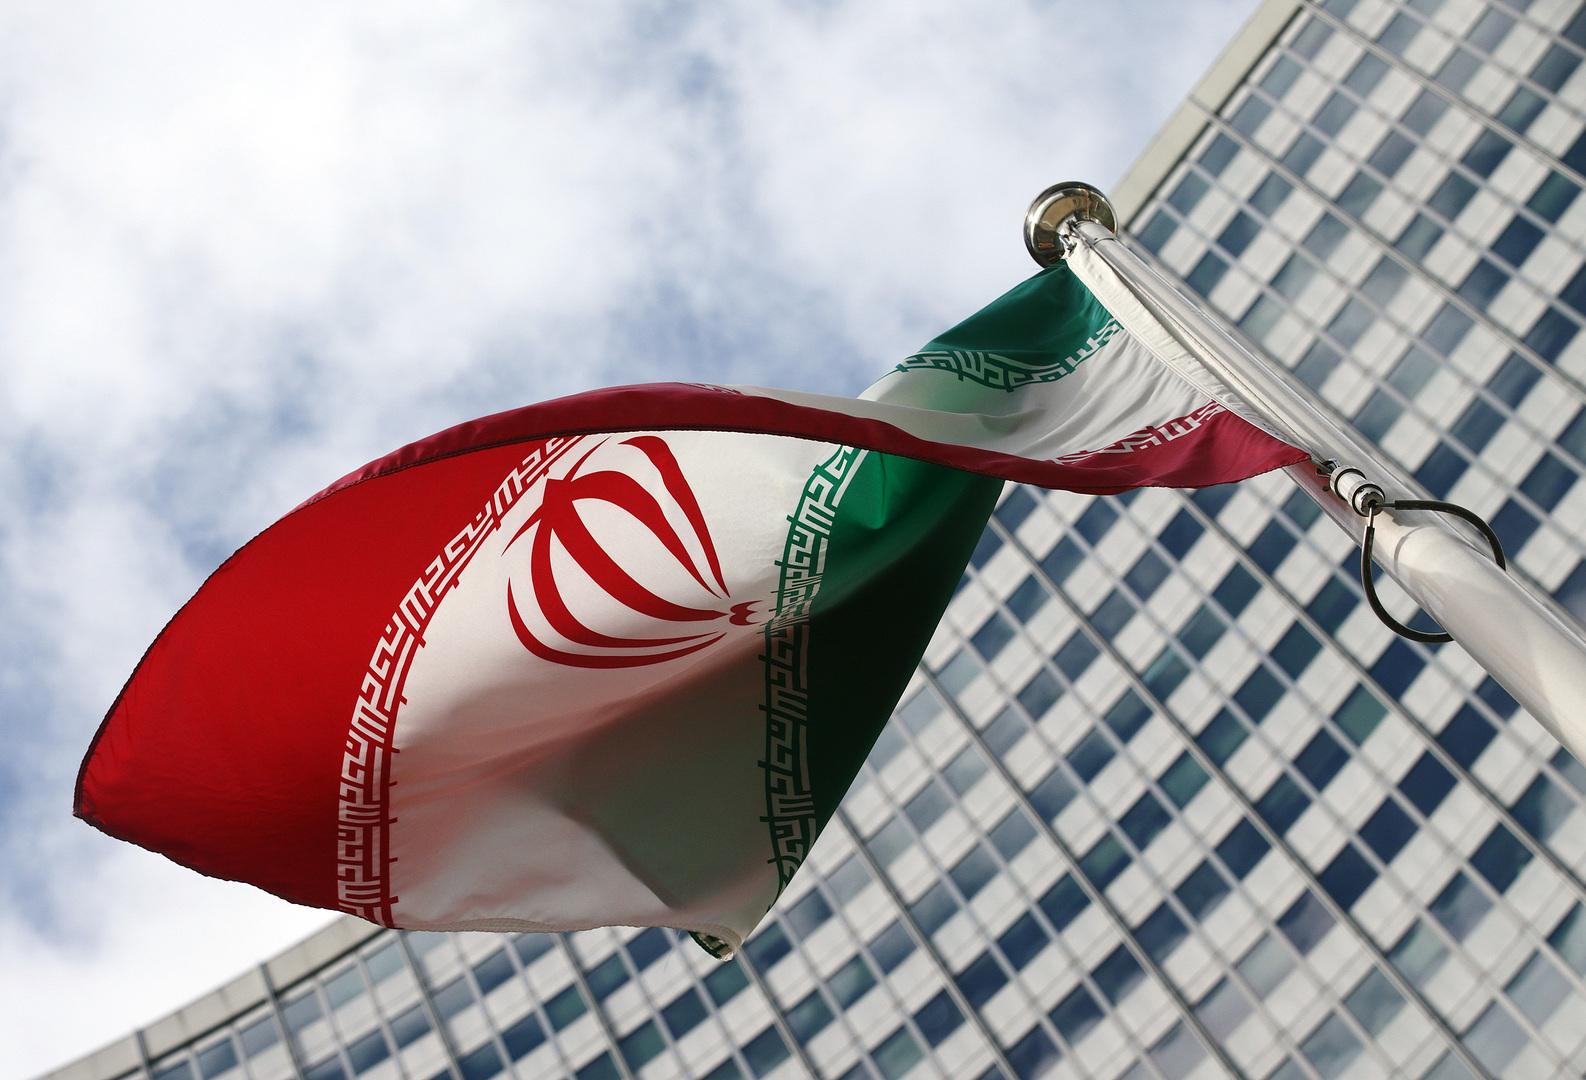 إيران: مستعدون للحوار مع السعودية حول مخاوفها وفي أي لحظة أرادت يمكن حل الأزمة في اليمن